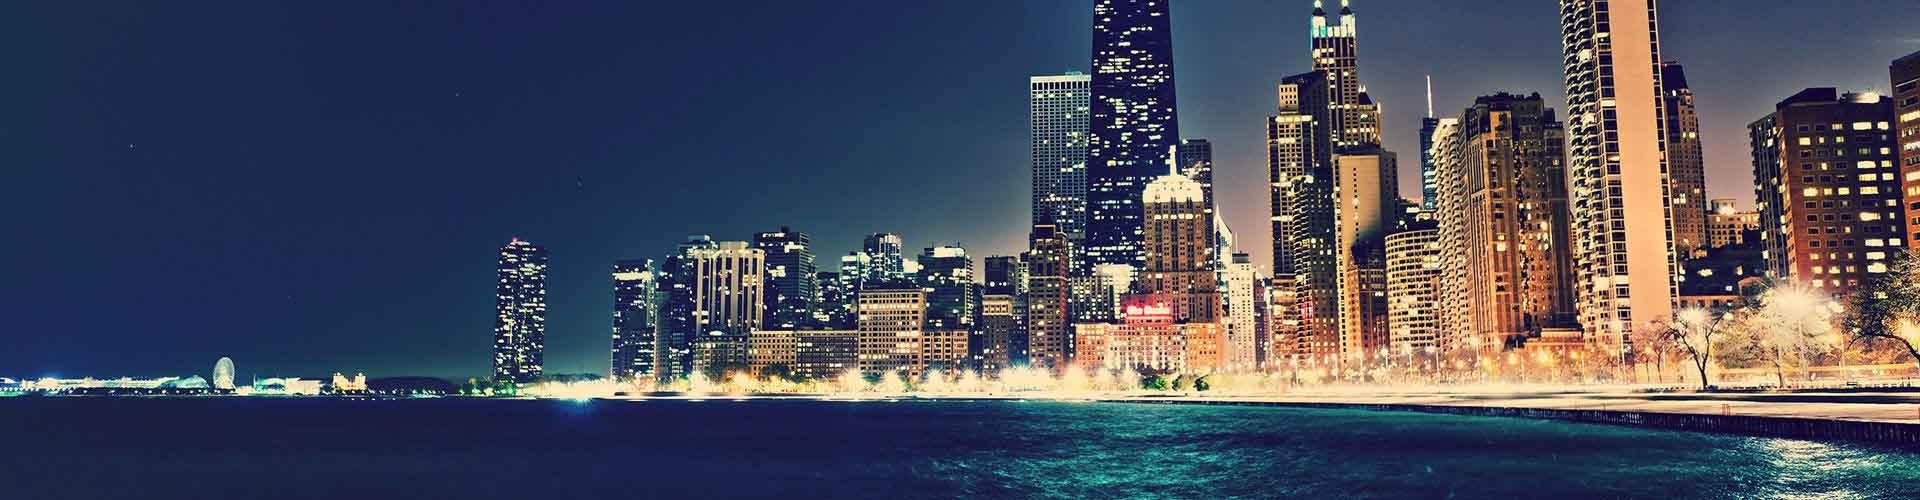 Chicago - Ifjúsági Szállások Chicagoben. Chicago térképek, fotók és ajánlások minden egyes ifjúsági szállásokra Chicago-ben.